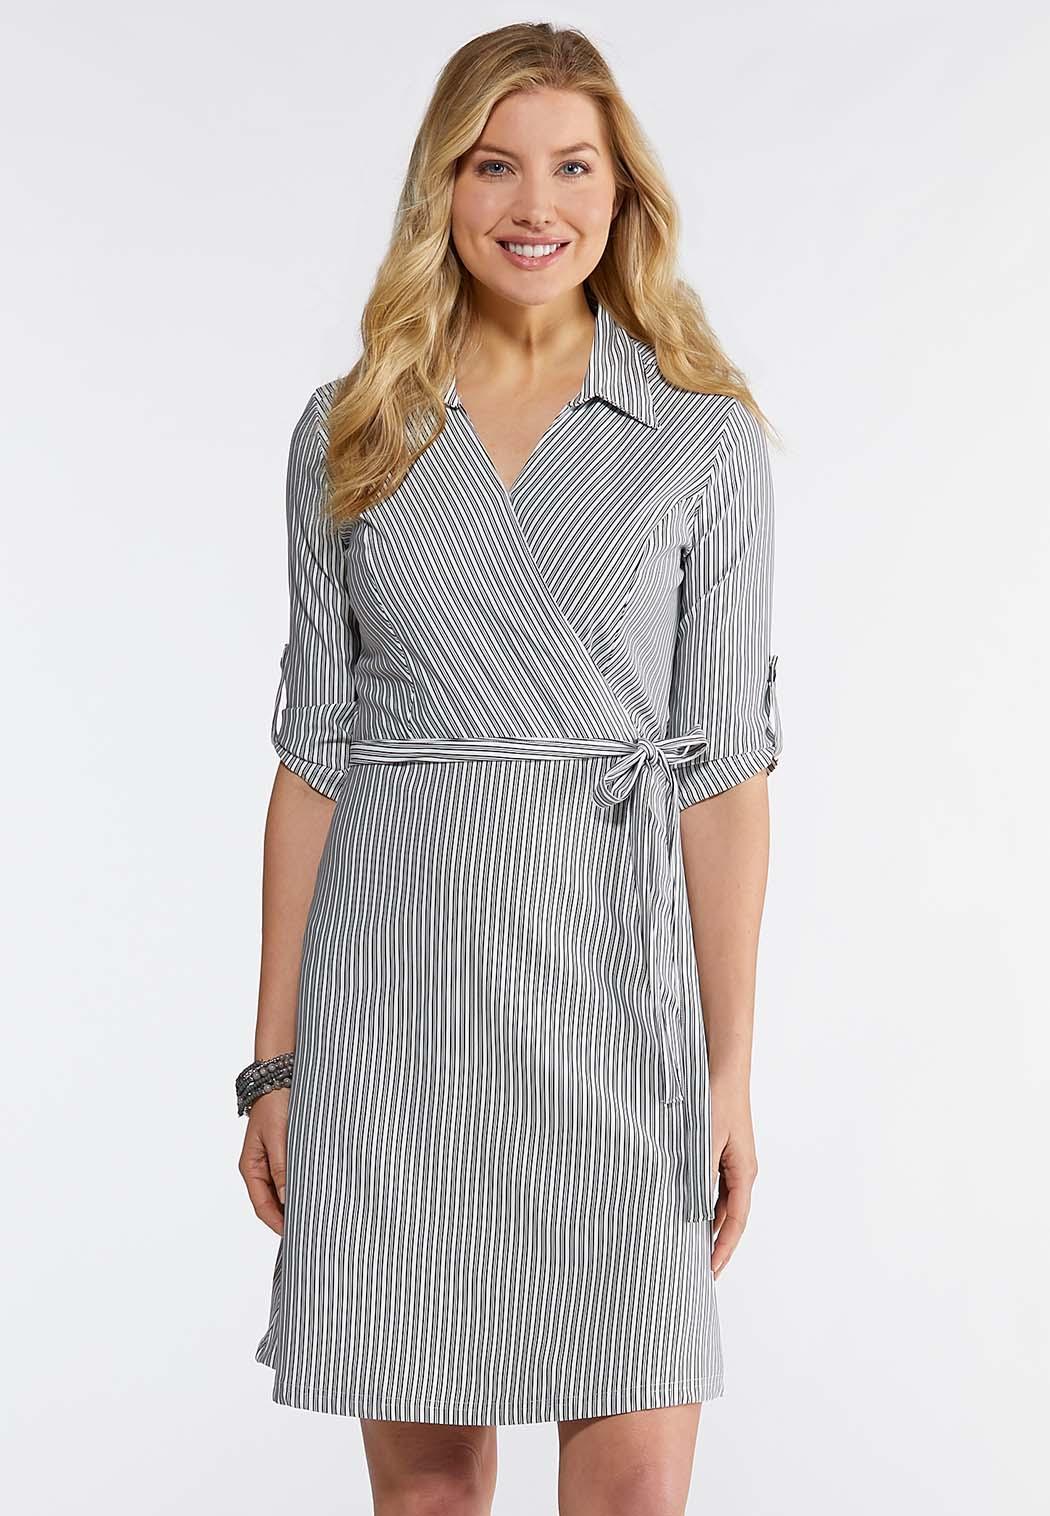 1ce600cc7285 Striped Faux Wrap Dress alternate view · Striped Faux Wrap Dress